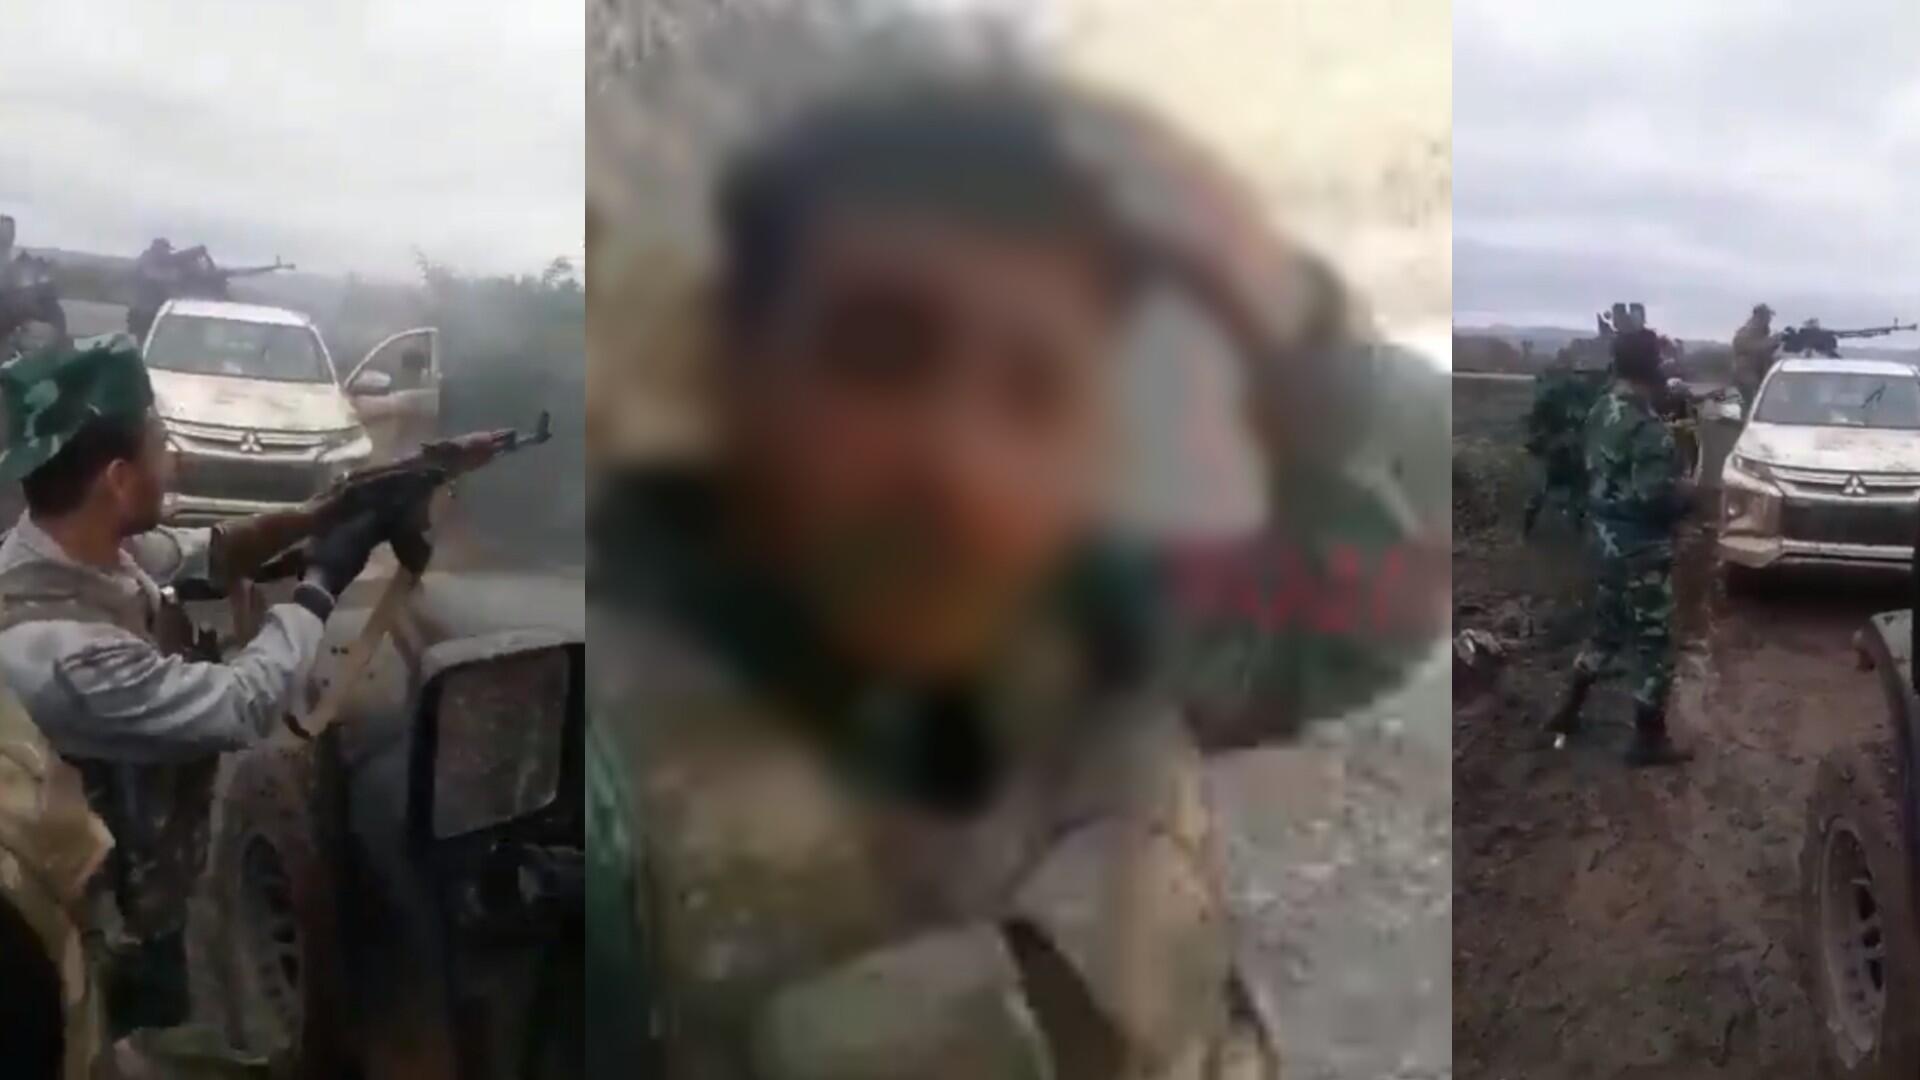 Des mercenaires syriens échangent des tirs avec des soldats arméniens, hors champ, dans le Haut-Karabakh, début octobre. Au centre, un jeune combattant syrien documente le front pendant un bombardement près de Horadiz. Captures d'écran.